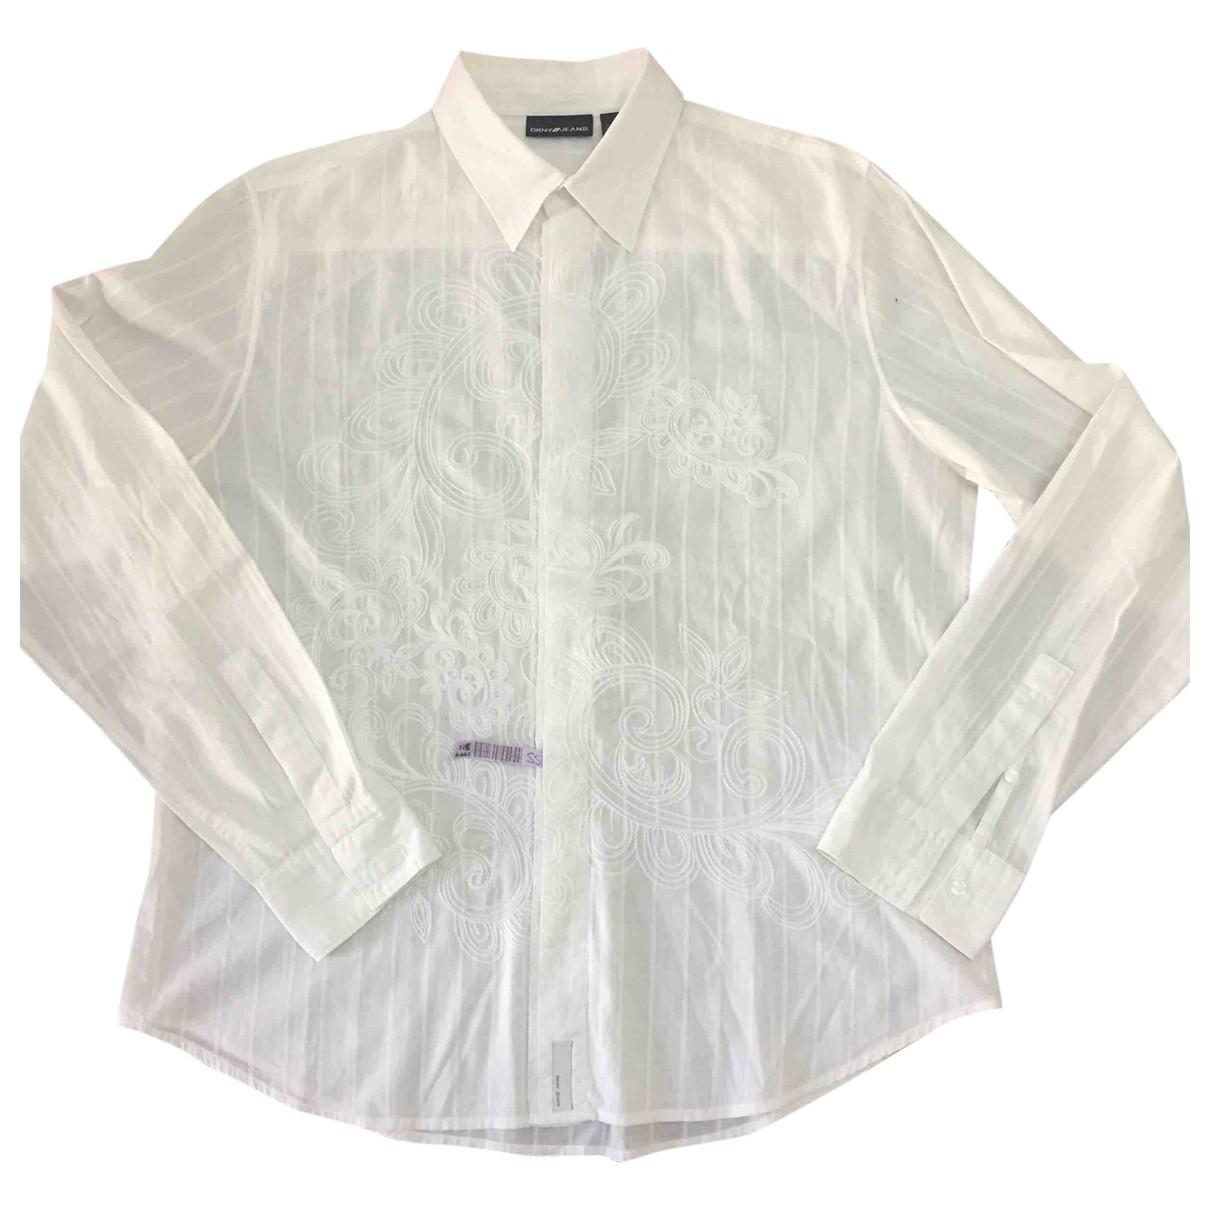 Dkny \N Hemden in  Weiss Baumwolle